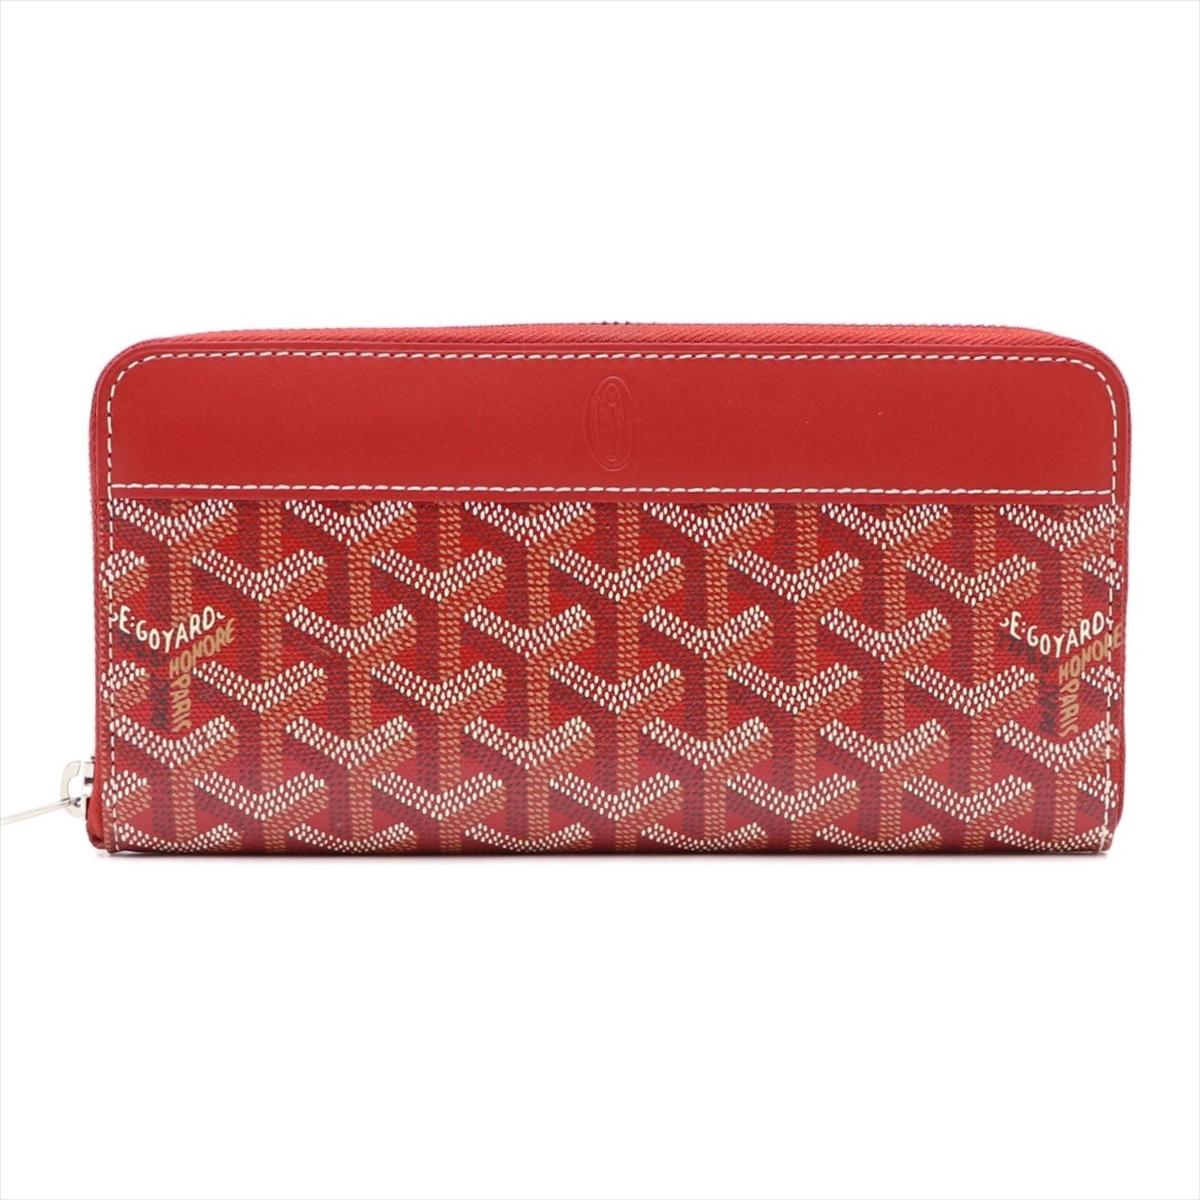 ゴヤール(Goyard) フィルマティニョン APMZIP GM ユニセックス PVC カーフスキン 財布 レッド